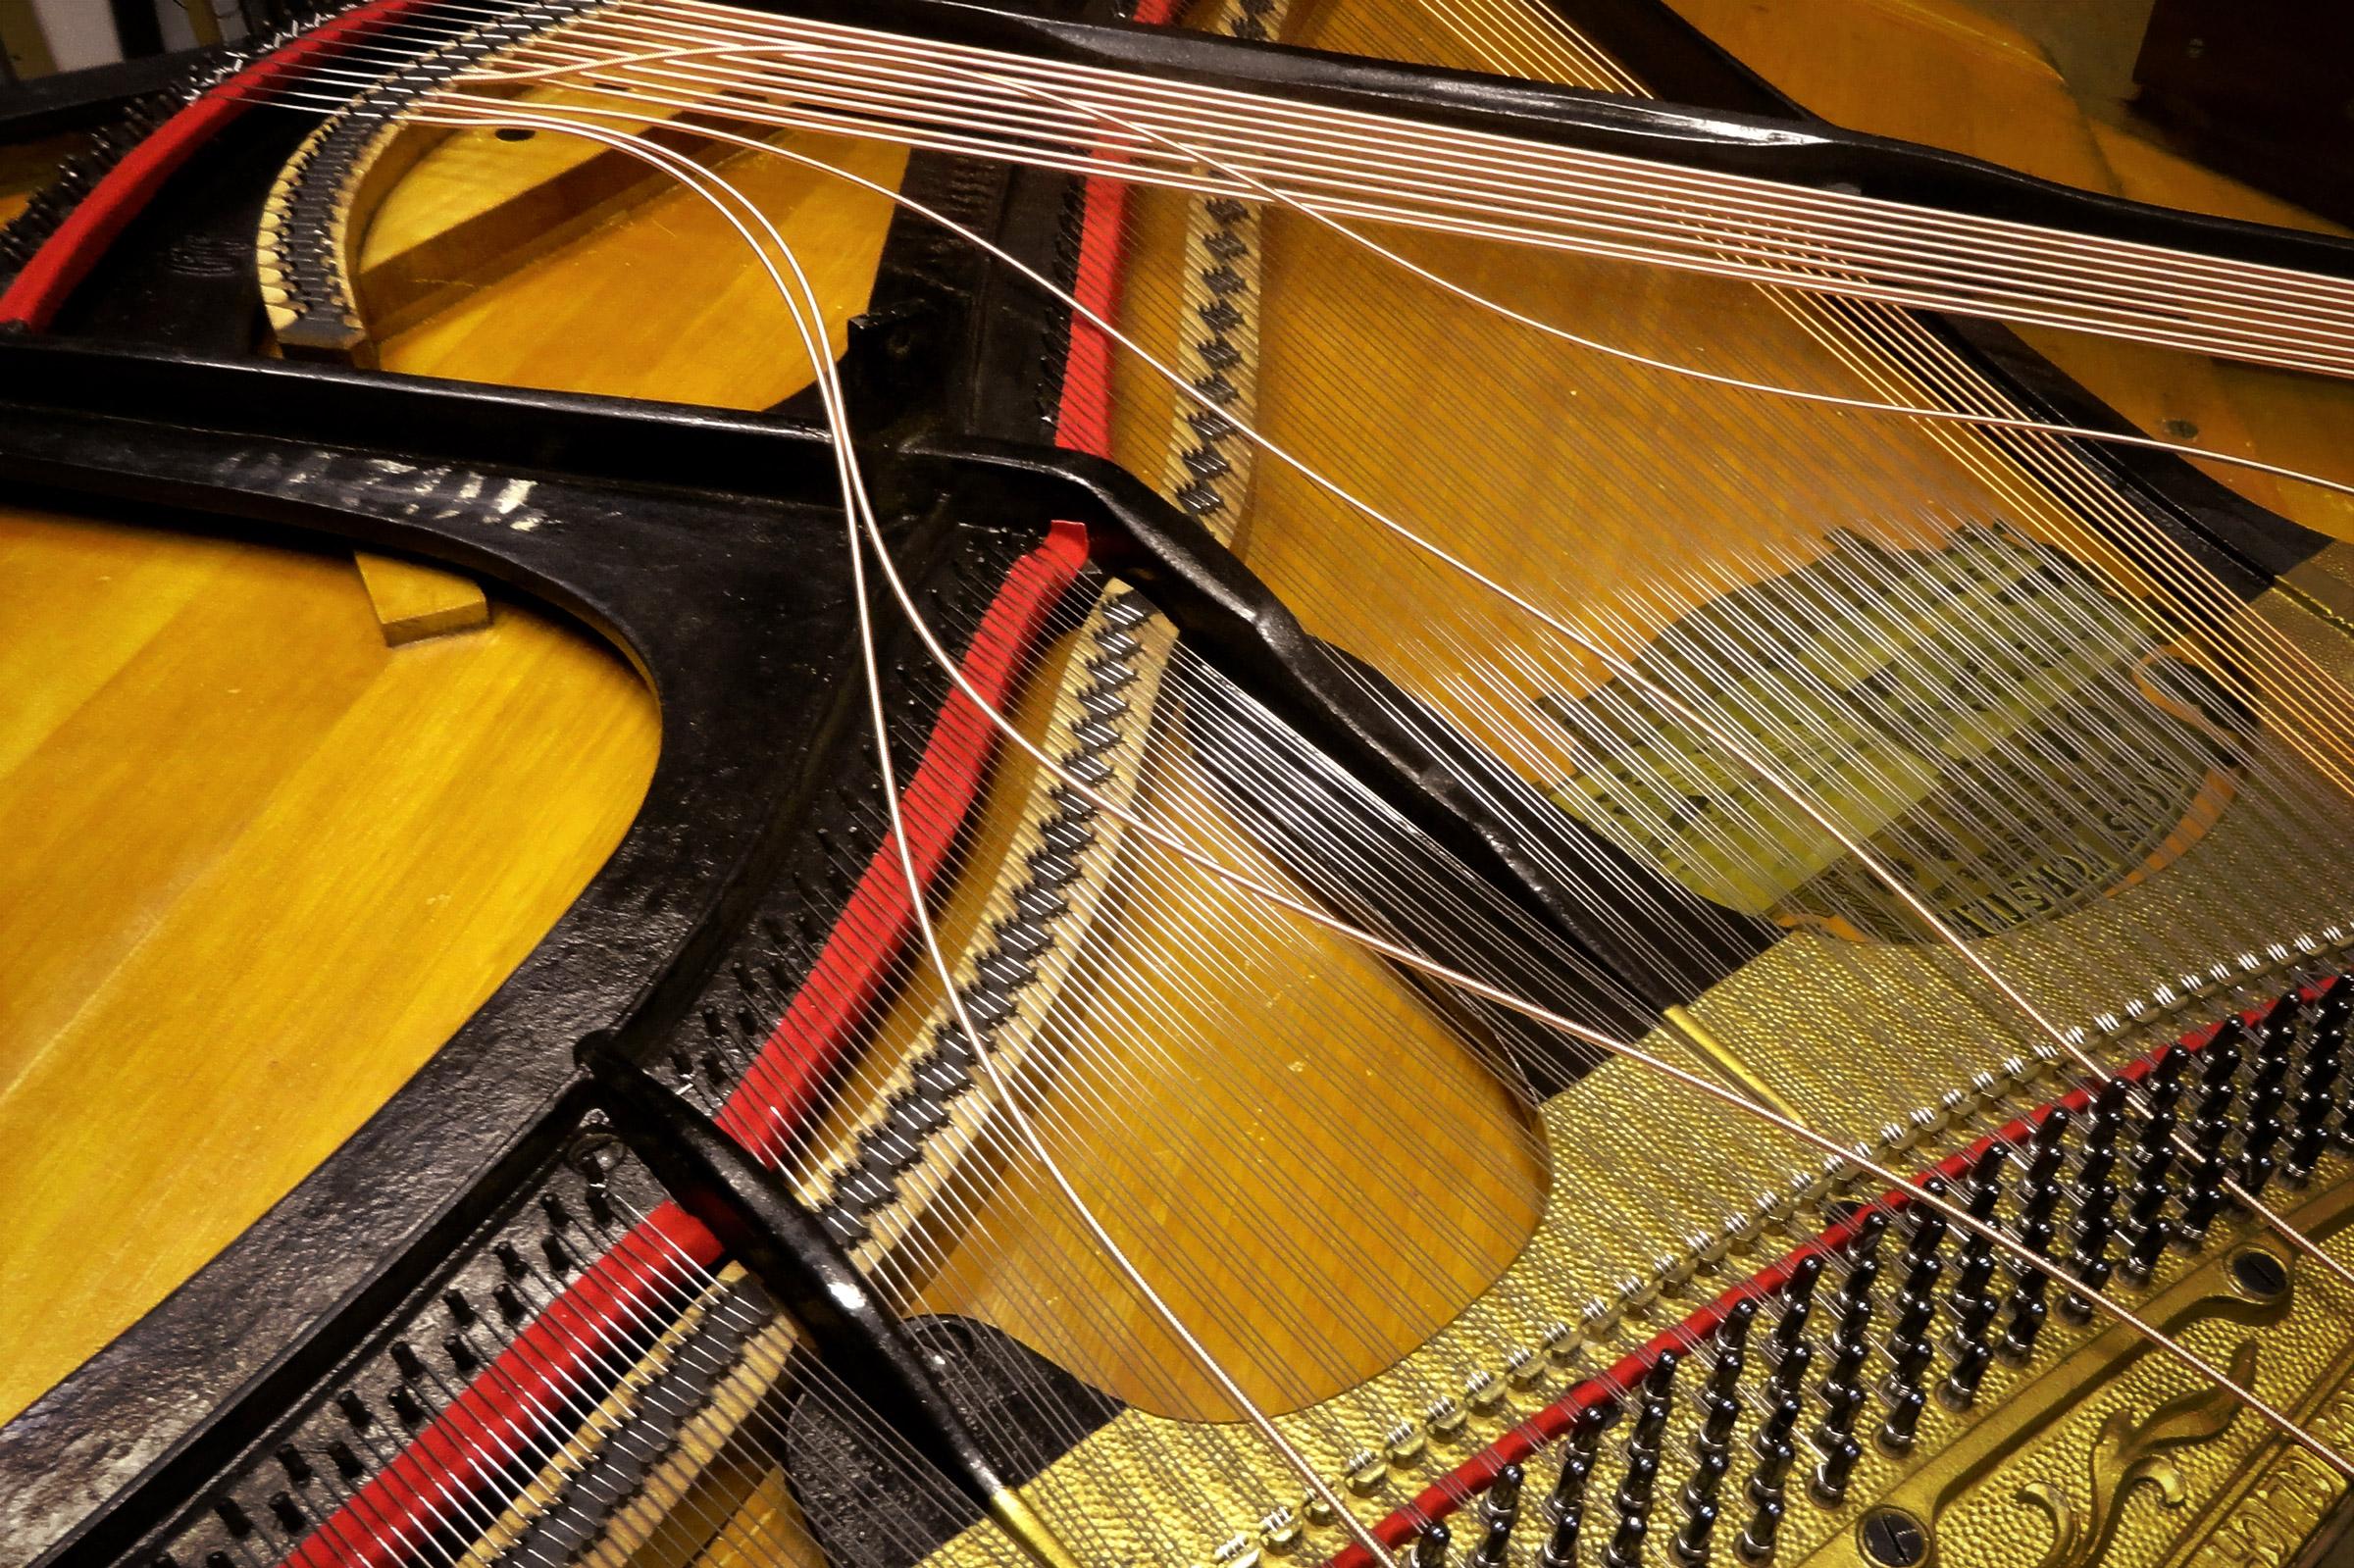 piano-reparatie-restauratie-techniek-21